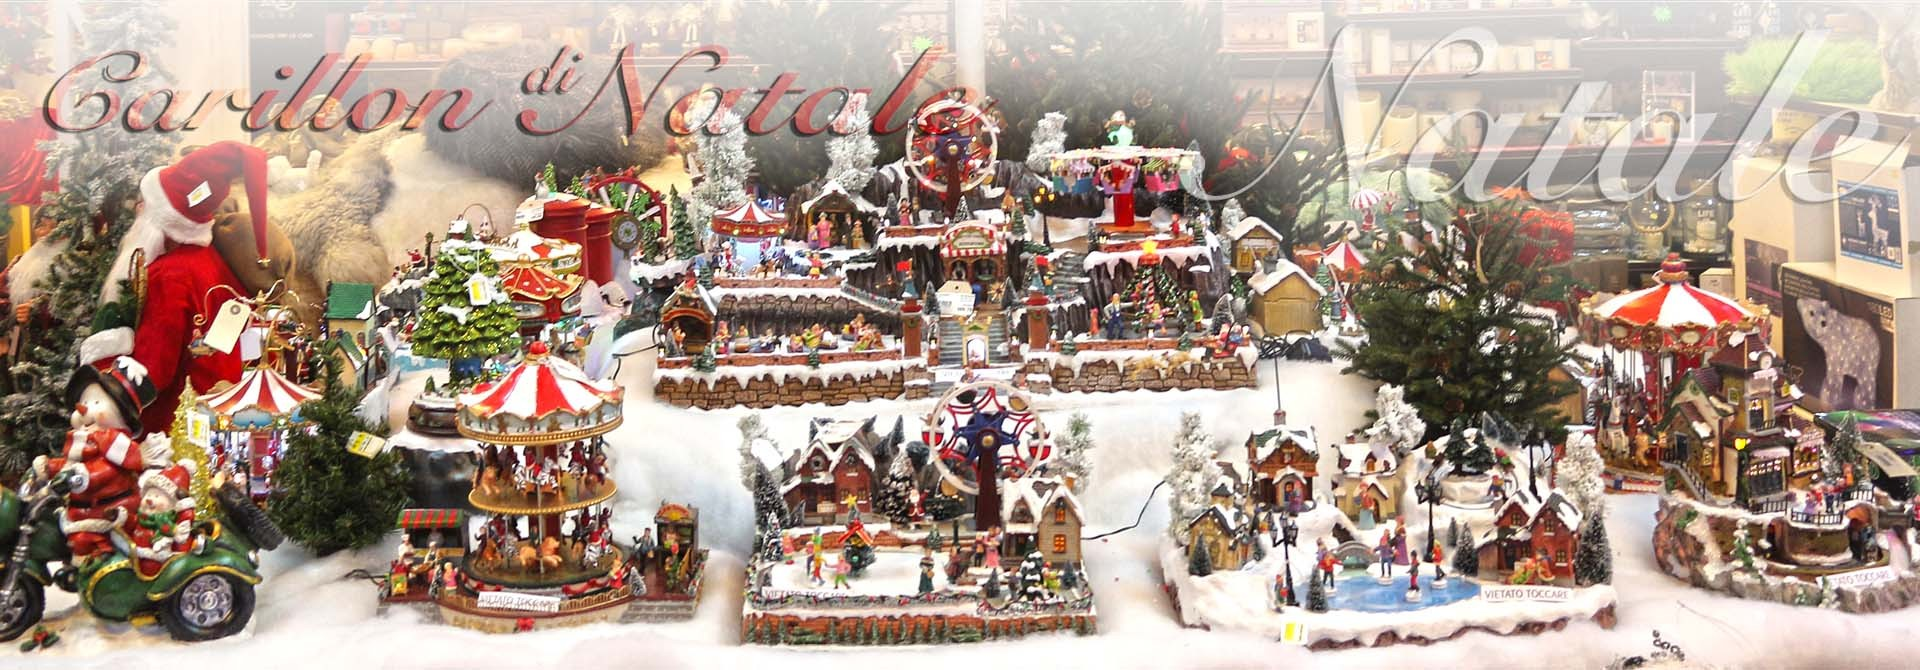 Carillon di Natale alberi addobbi decorazioni natalizie